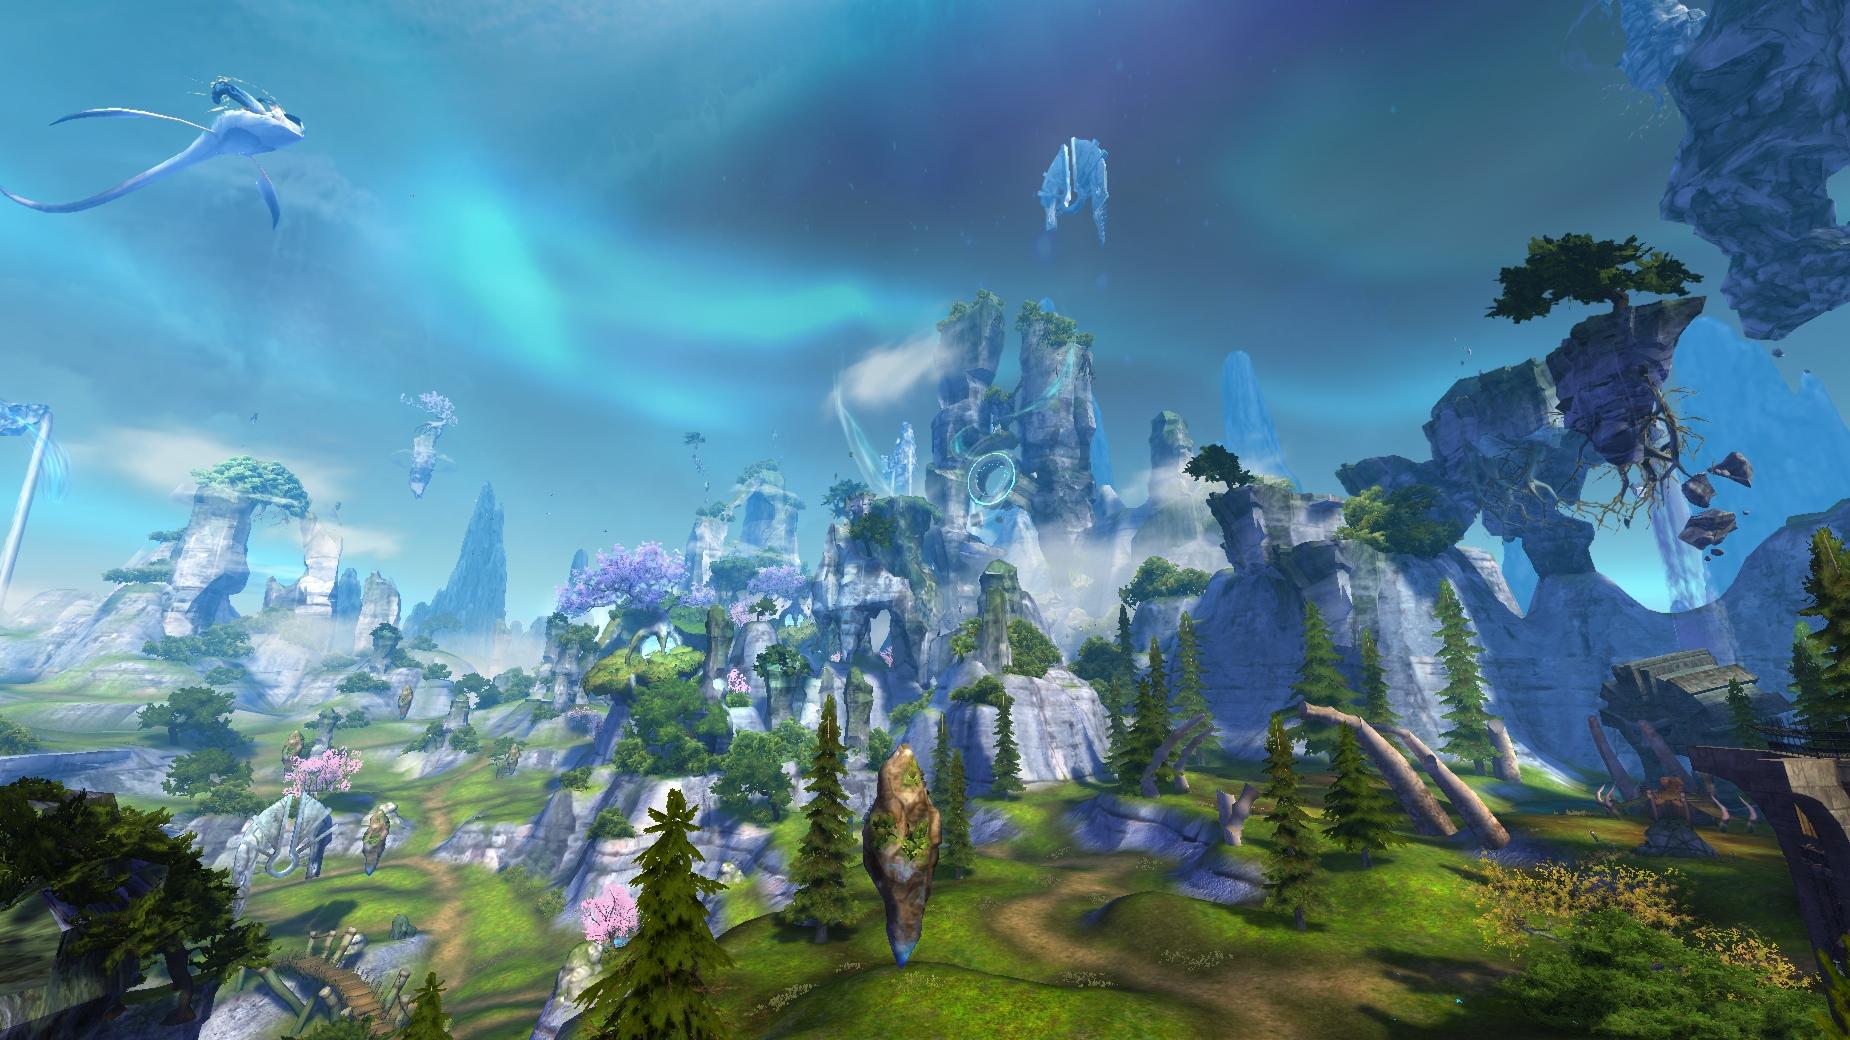 游戏截图 | 永恒之塔官方网站